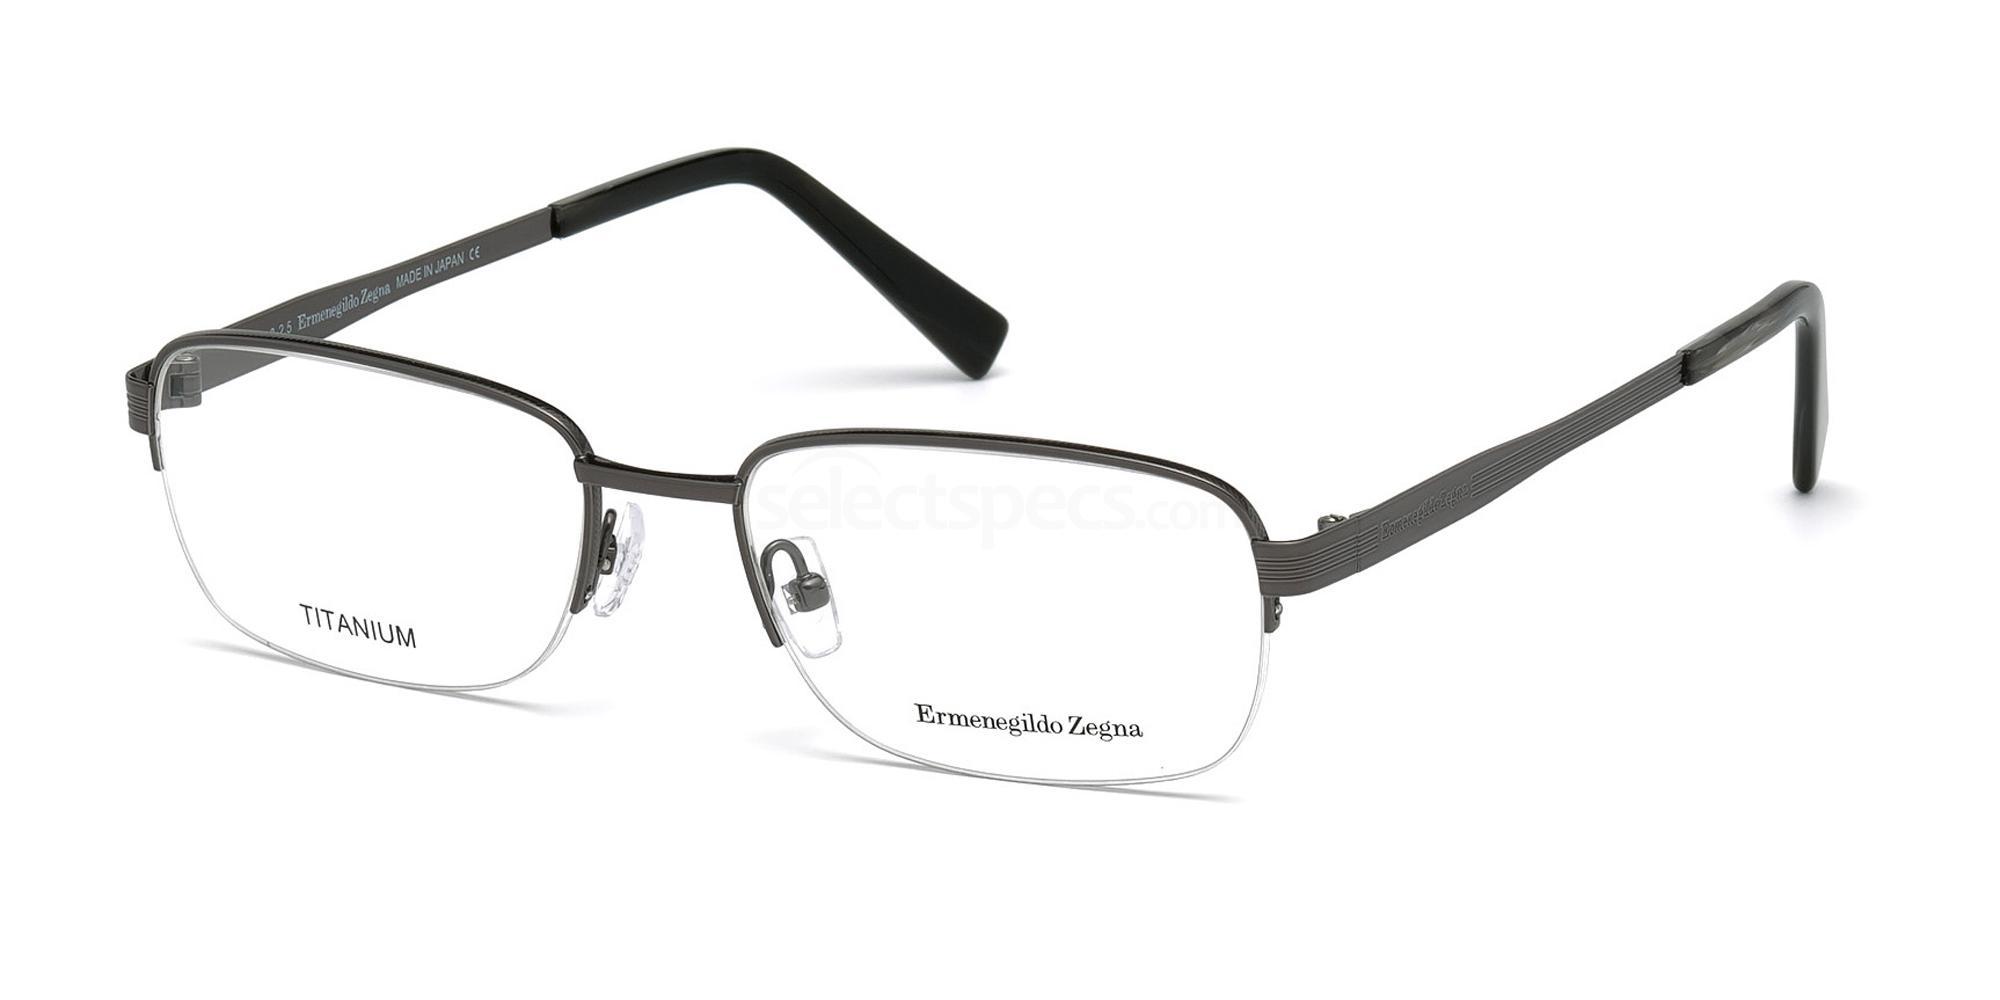 012 EZ5050 Glasses, Ermenegildo Zegna